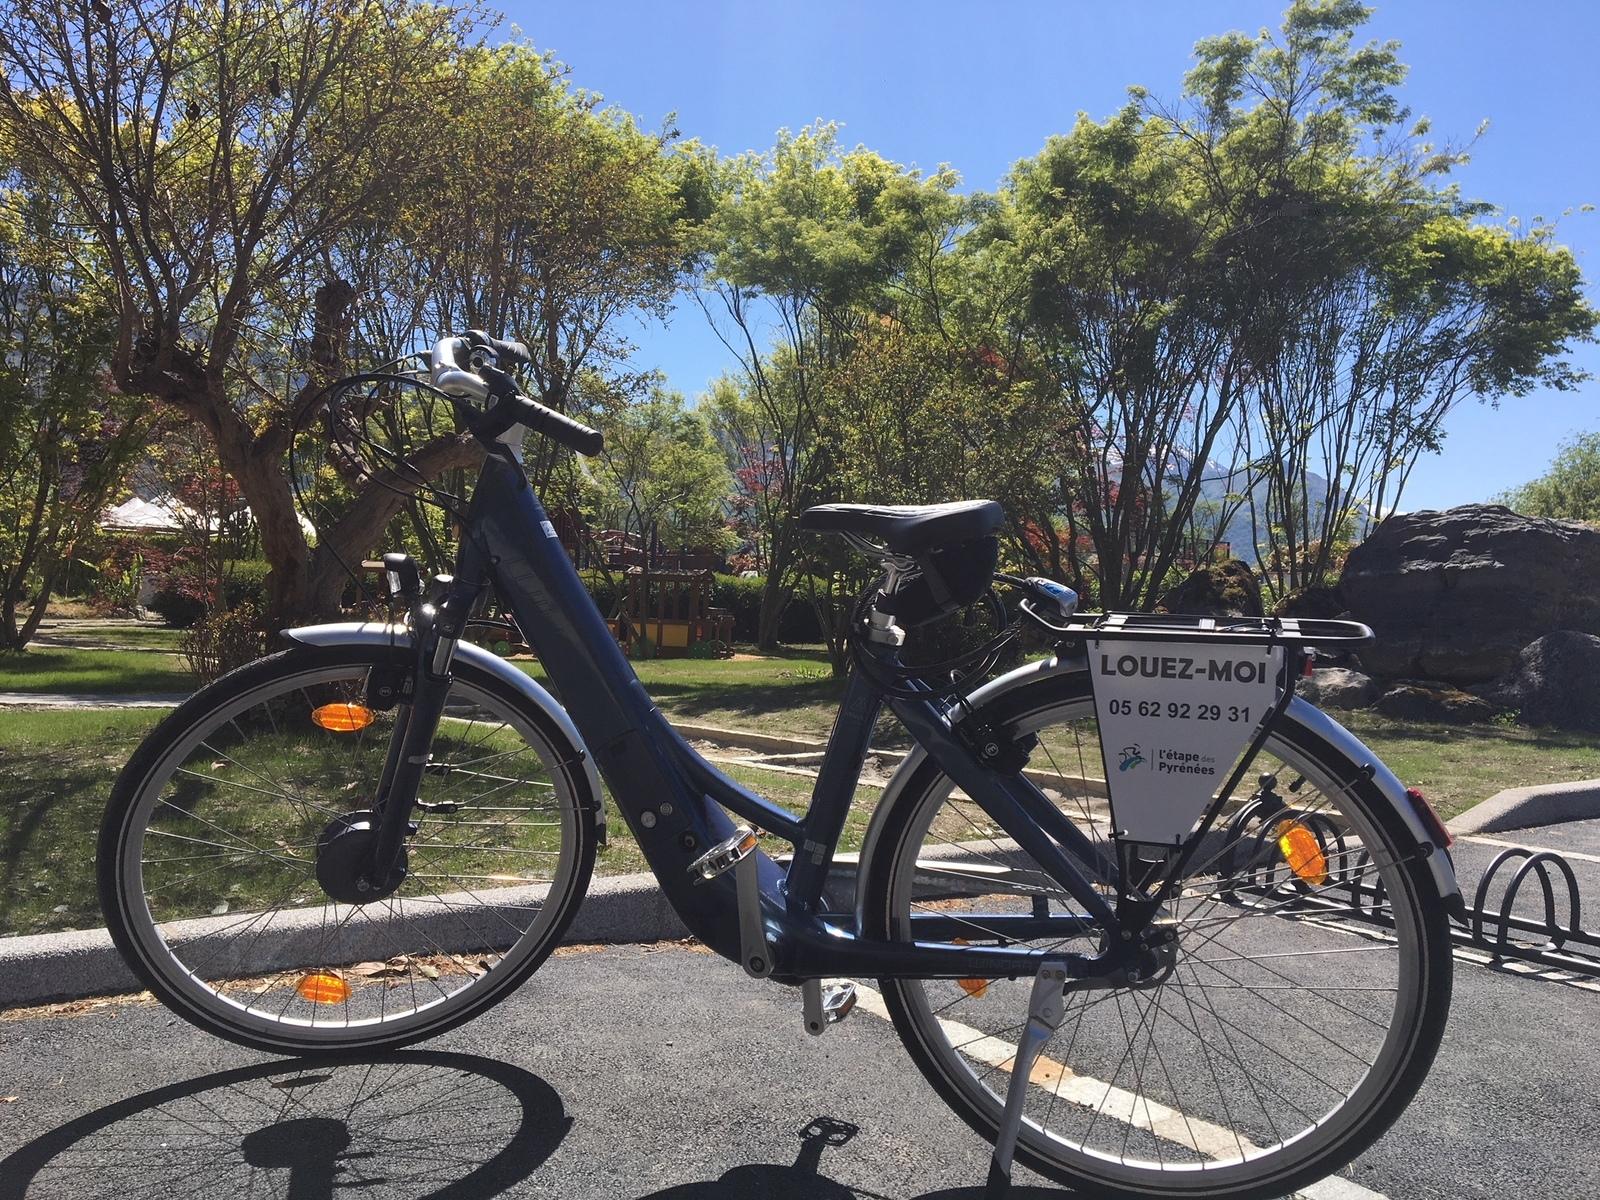 L'ETAPE DES PYRENEES Locations Vélos VTT Vélos de route